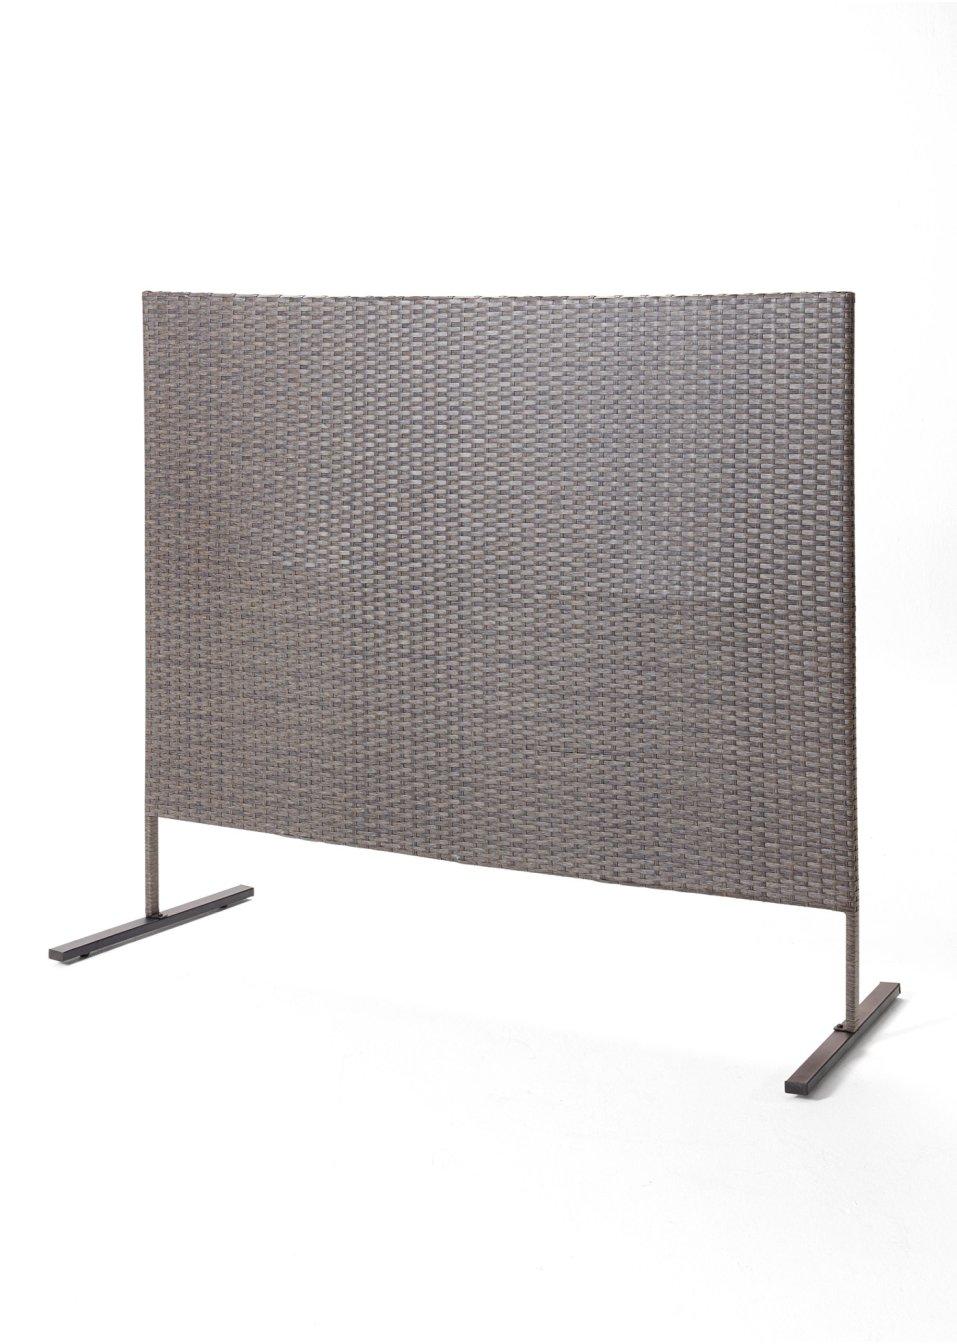 Praktische Sichtschutz Braun 1tlg 1tlg